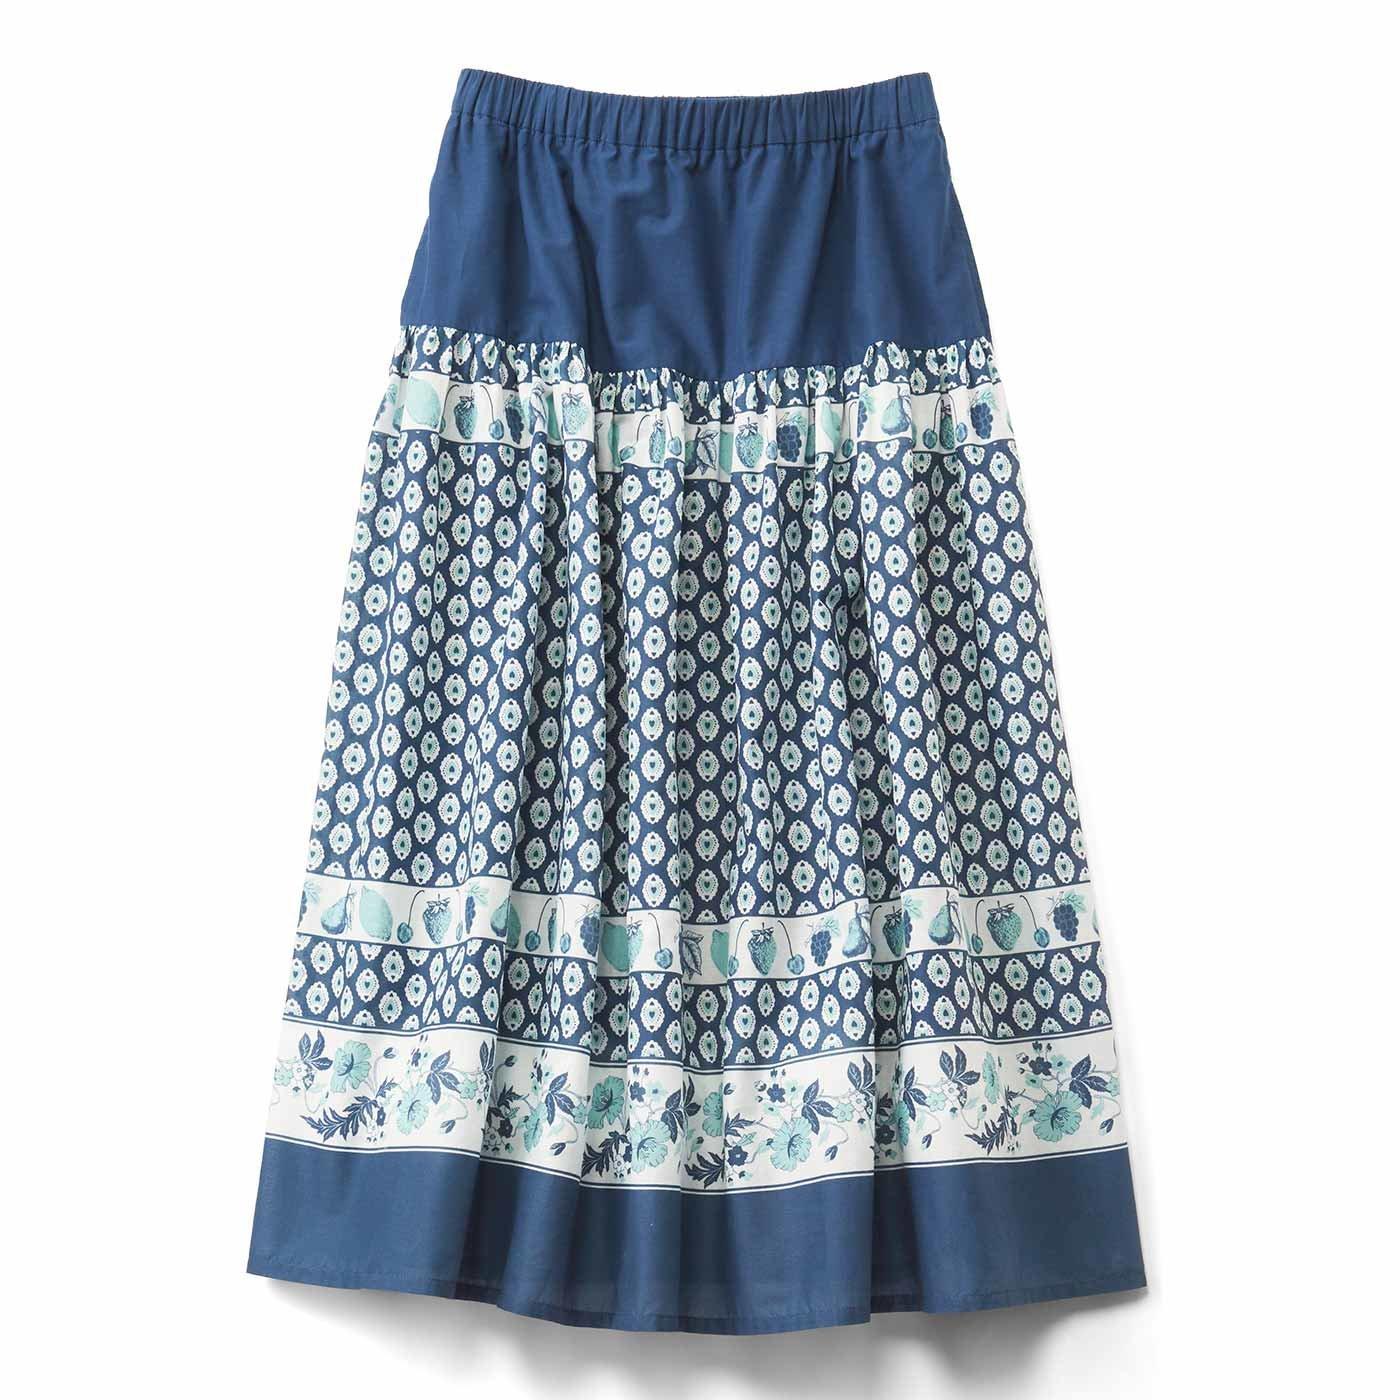 レトロかわいい フルーツ柄のパネルプリントスカート〈ブルー〉